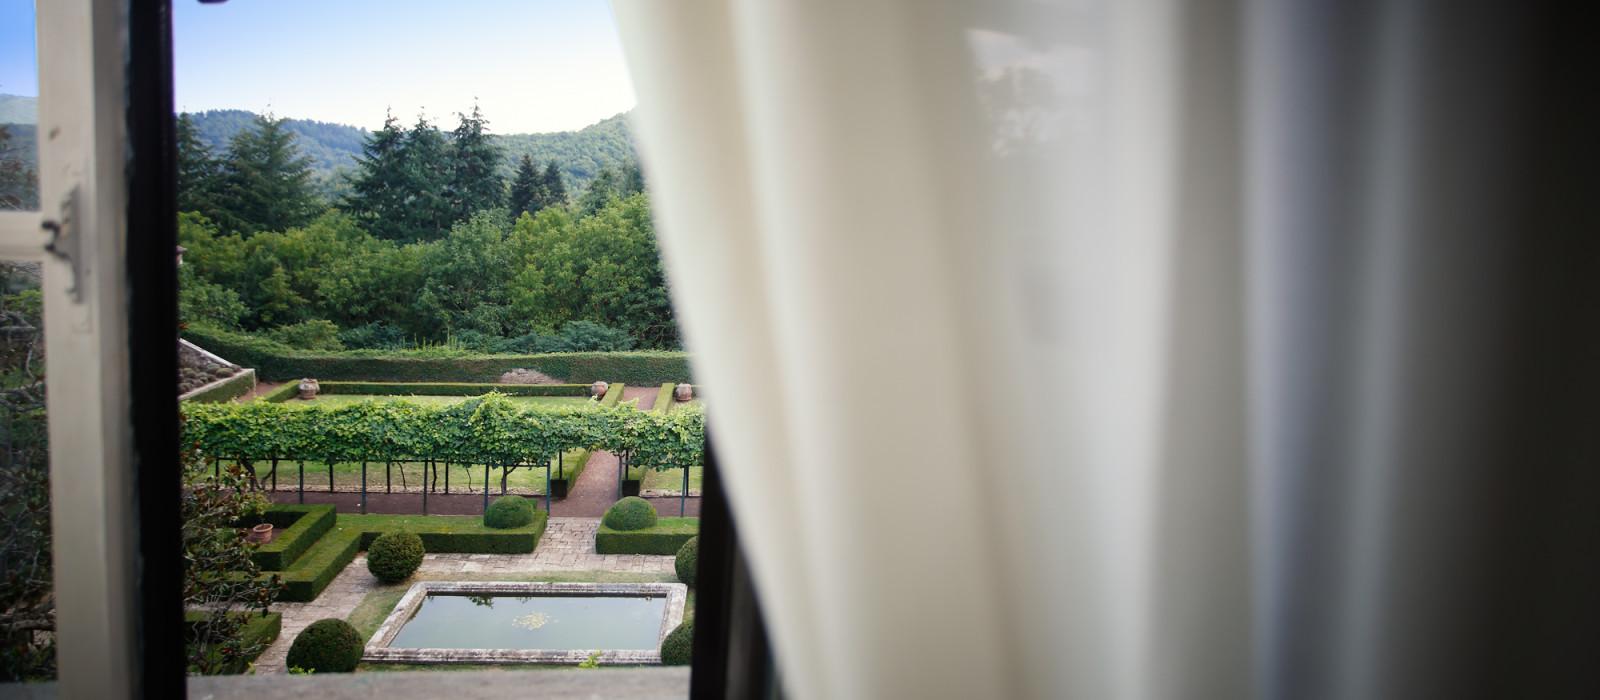 Hotel Badia a Coltibuono Italy